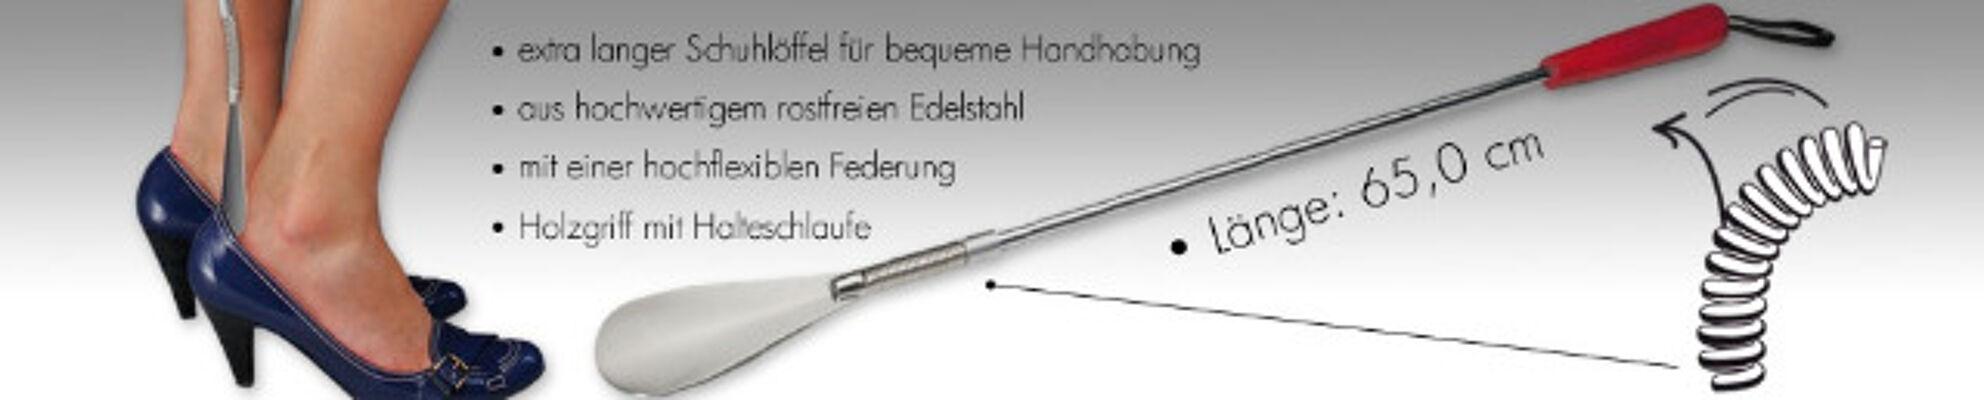 CHG XXL Schuhlöffel